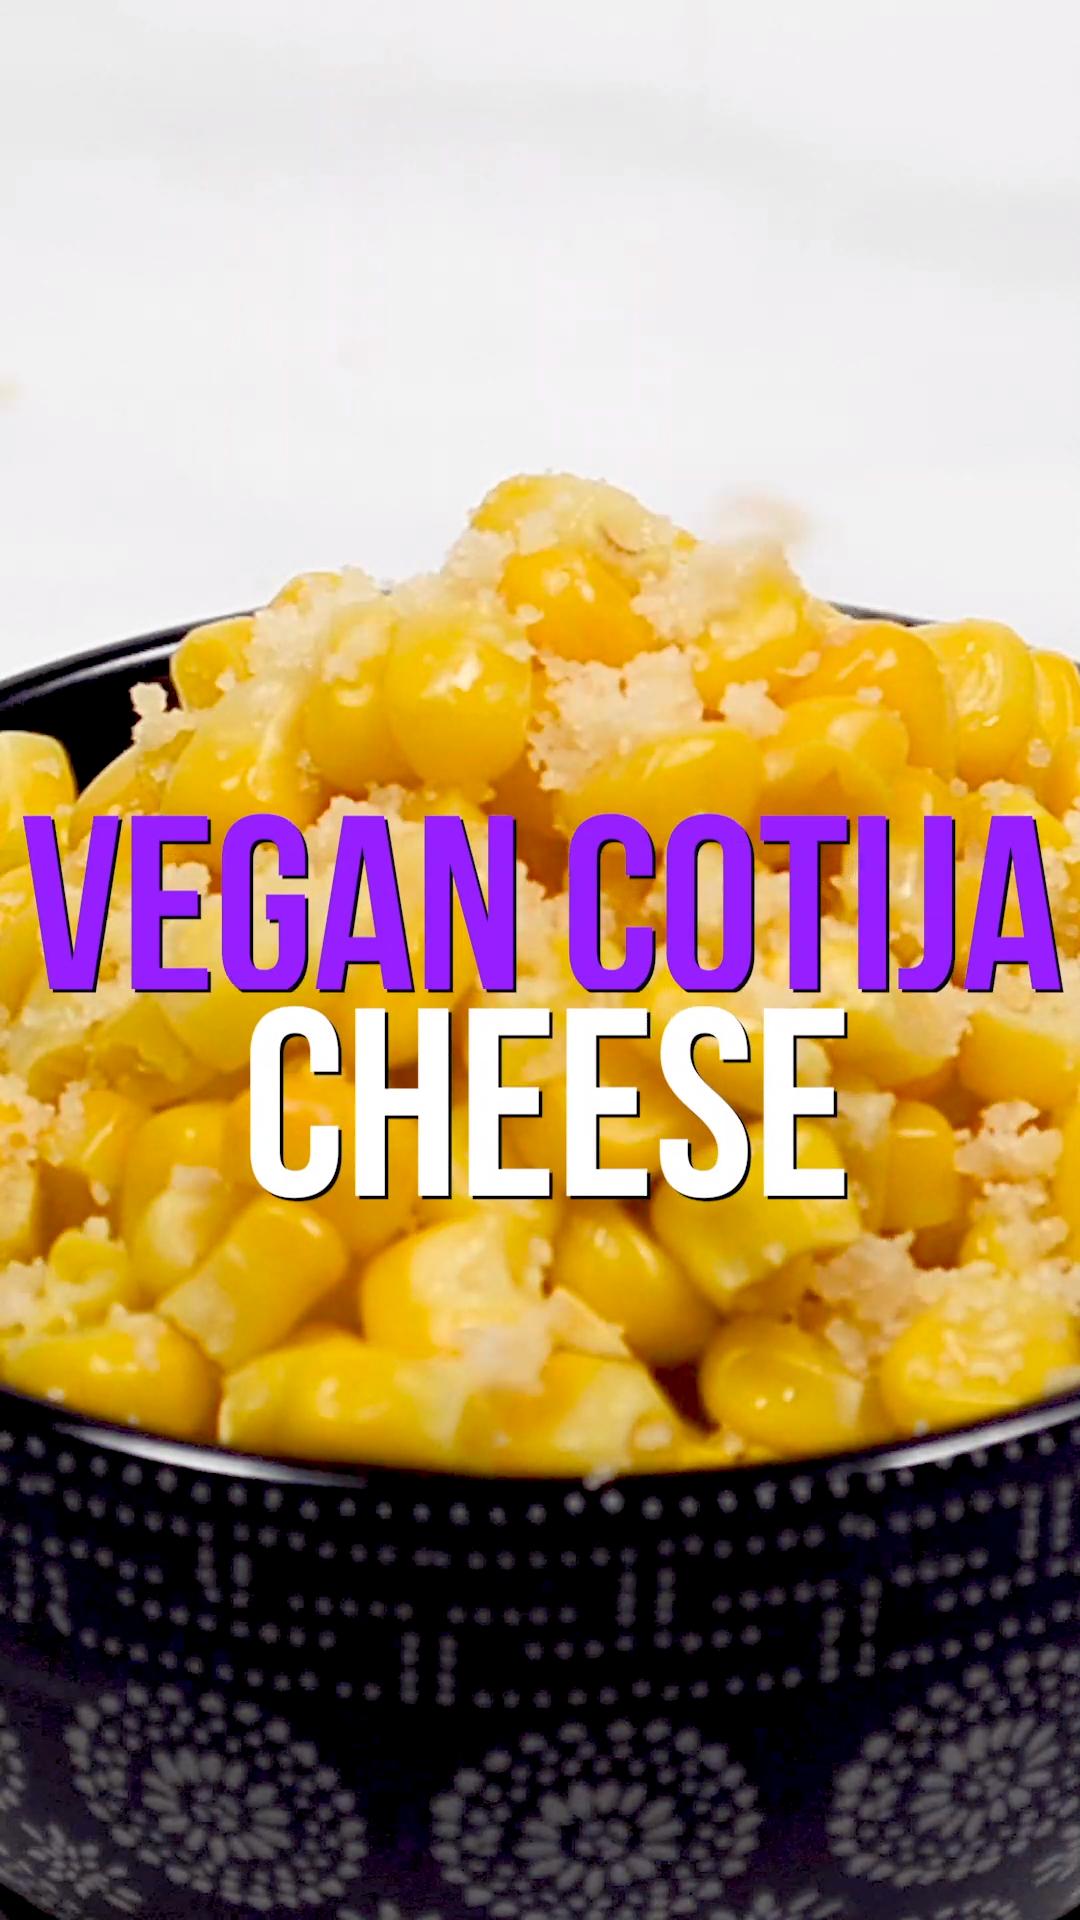 Vegan Cotija Cheese Video In 2021 Vegan Cheese Recipes Mexican Food Recipes Vegan Mexican Recipes